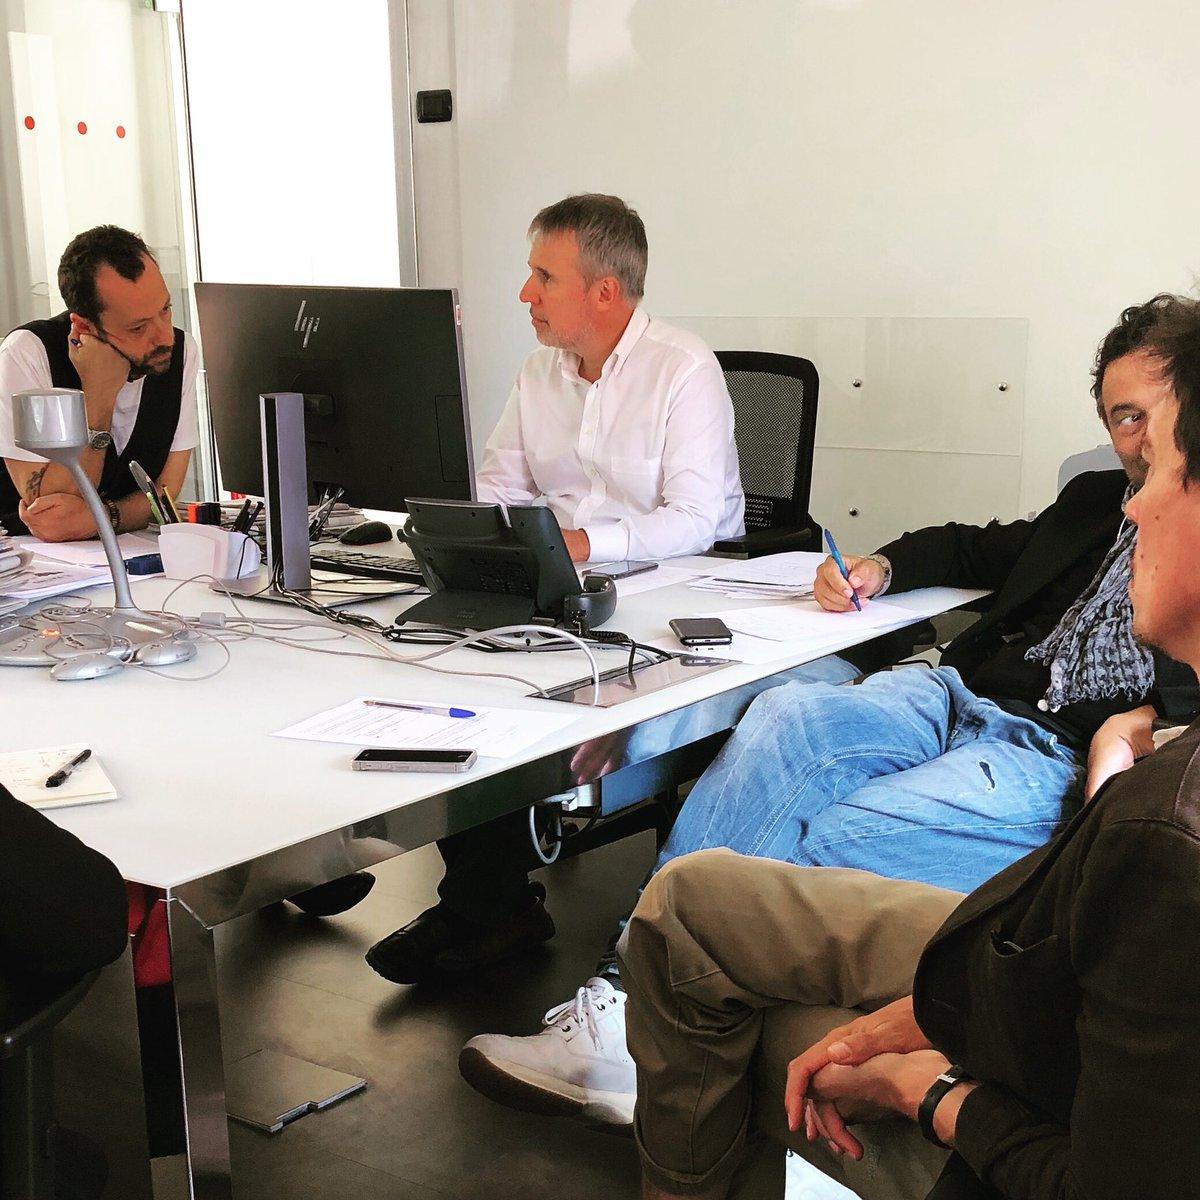 Riunione di redazione con il Direttore @gerrygreco. Vi aspettiamo giovedì alle 21.25 su #Rete4 con una nuova puntata di #WLItalia! https://instagram.com/p/BoJuw7tl27_/  - Ukustom